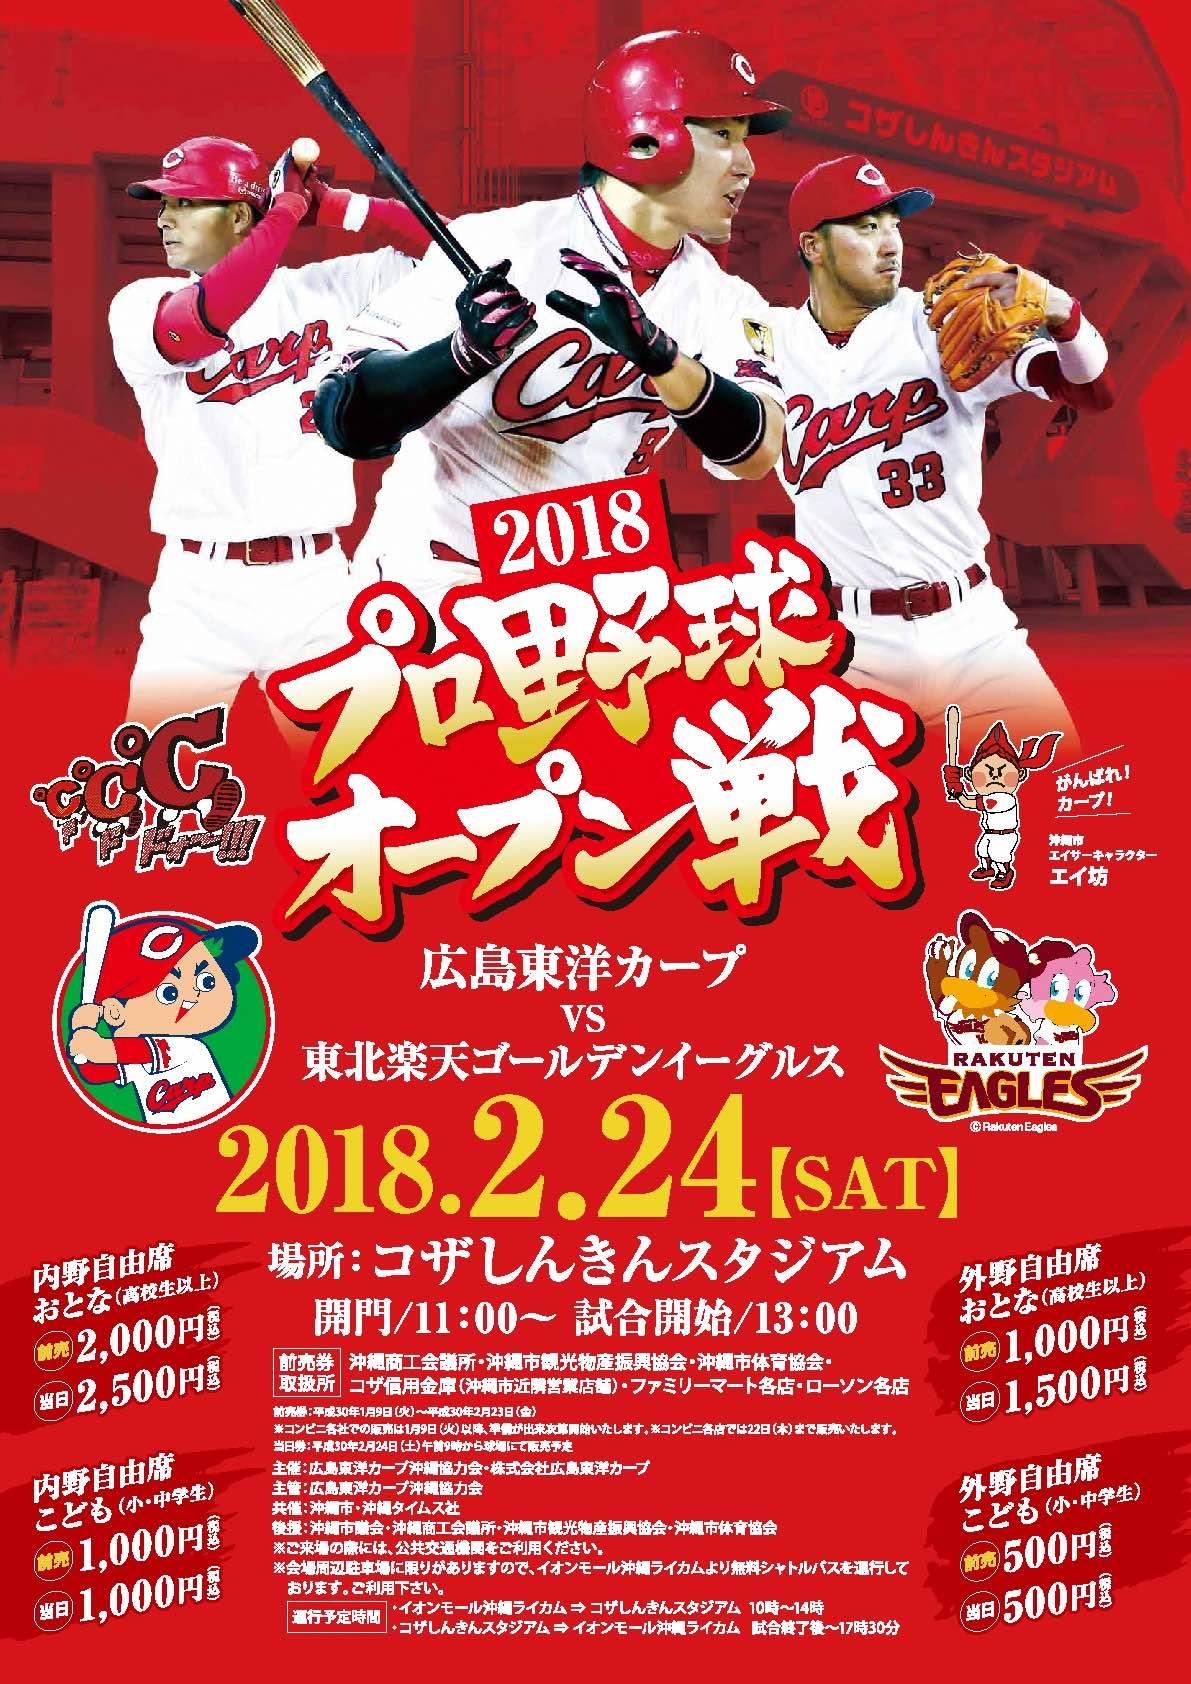 沖縄市で4年ぶりのプロ野球オープン戦、市はスポーツツーリズムを振興